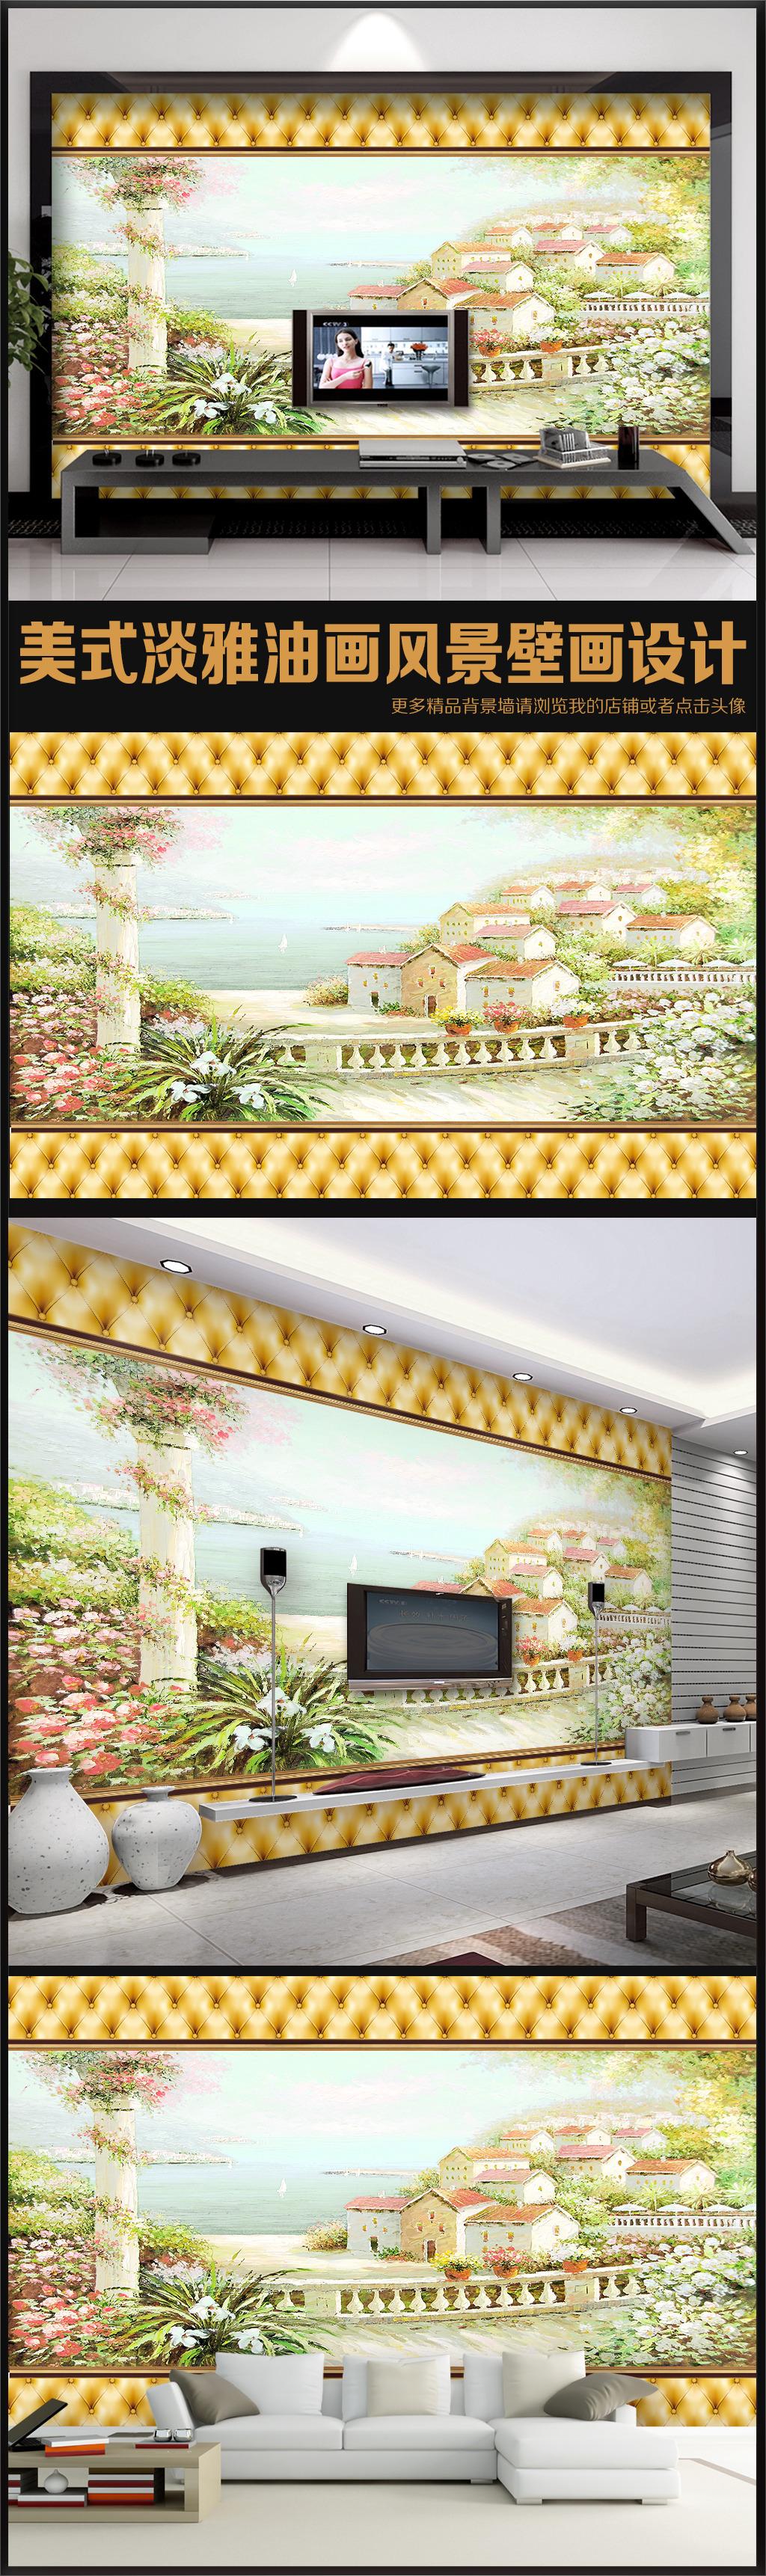 欧式田园风景油画电视背景墙装修效果图